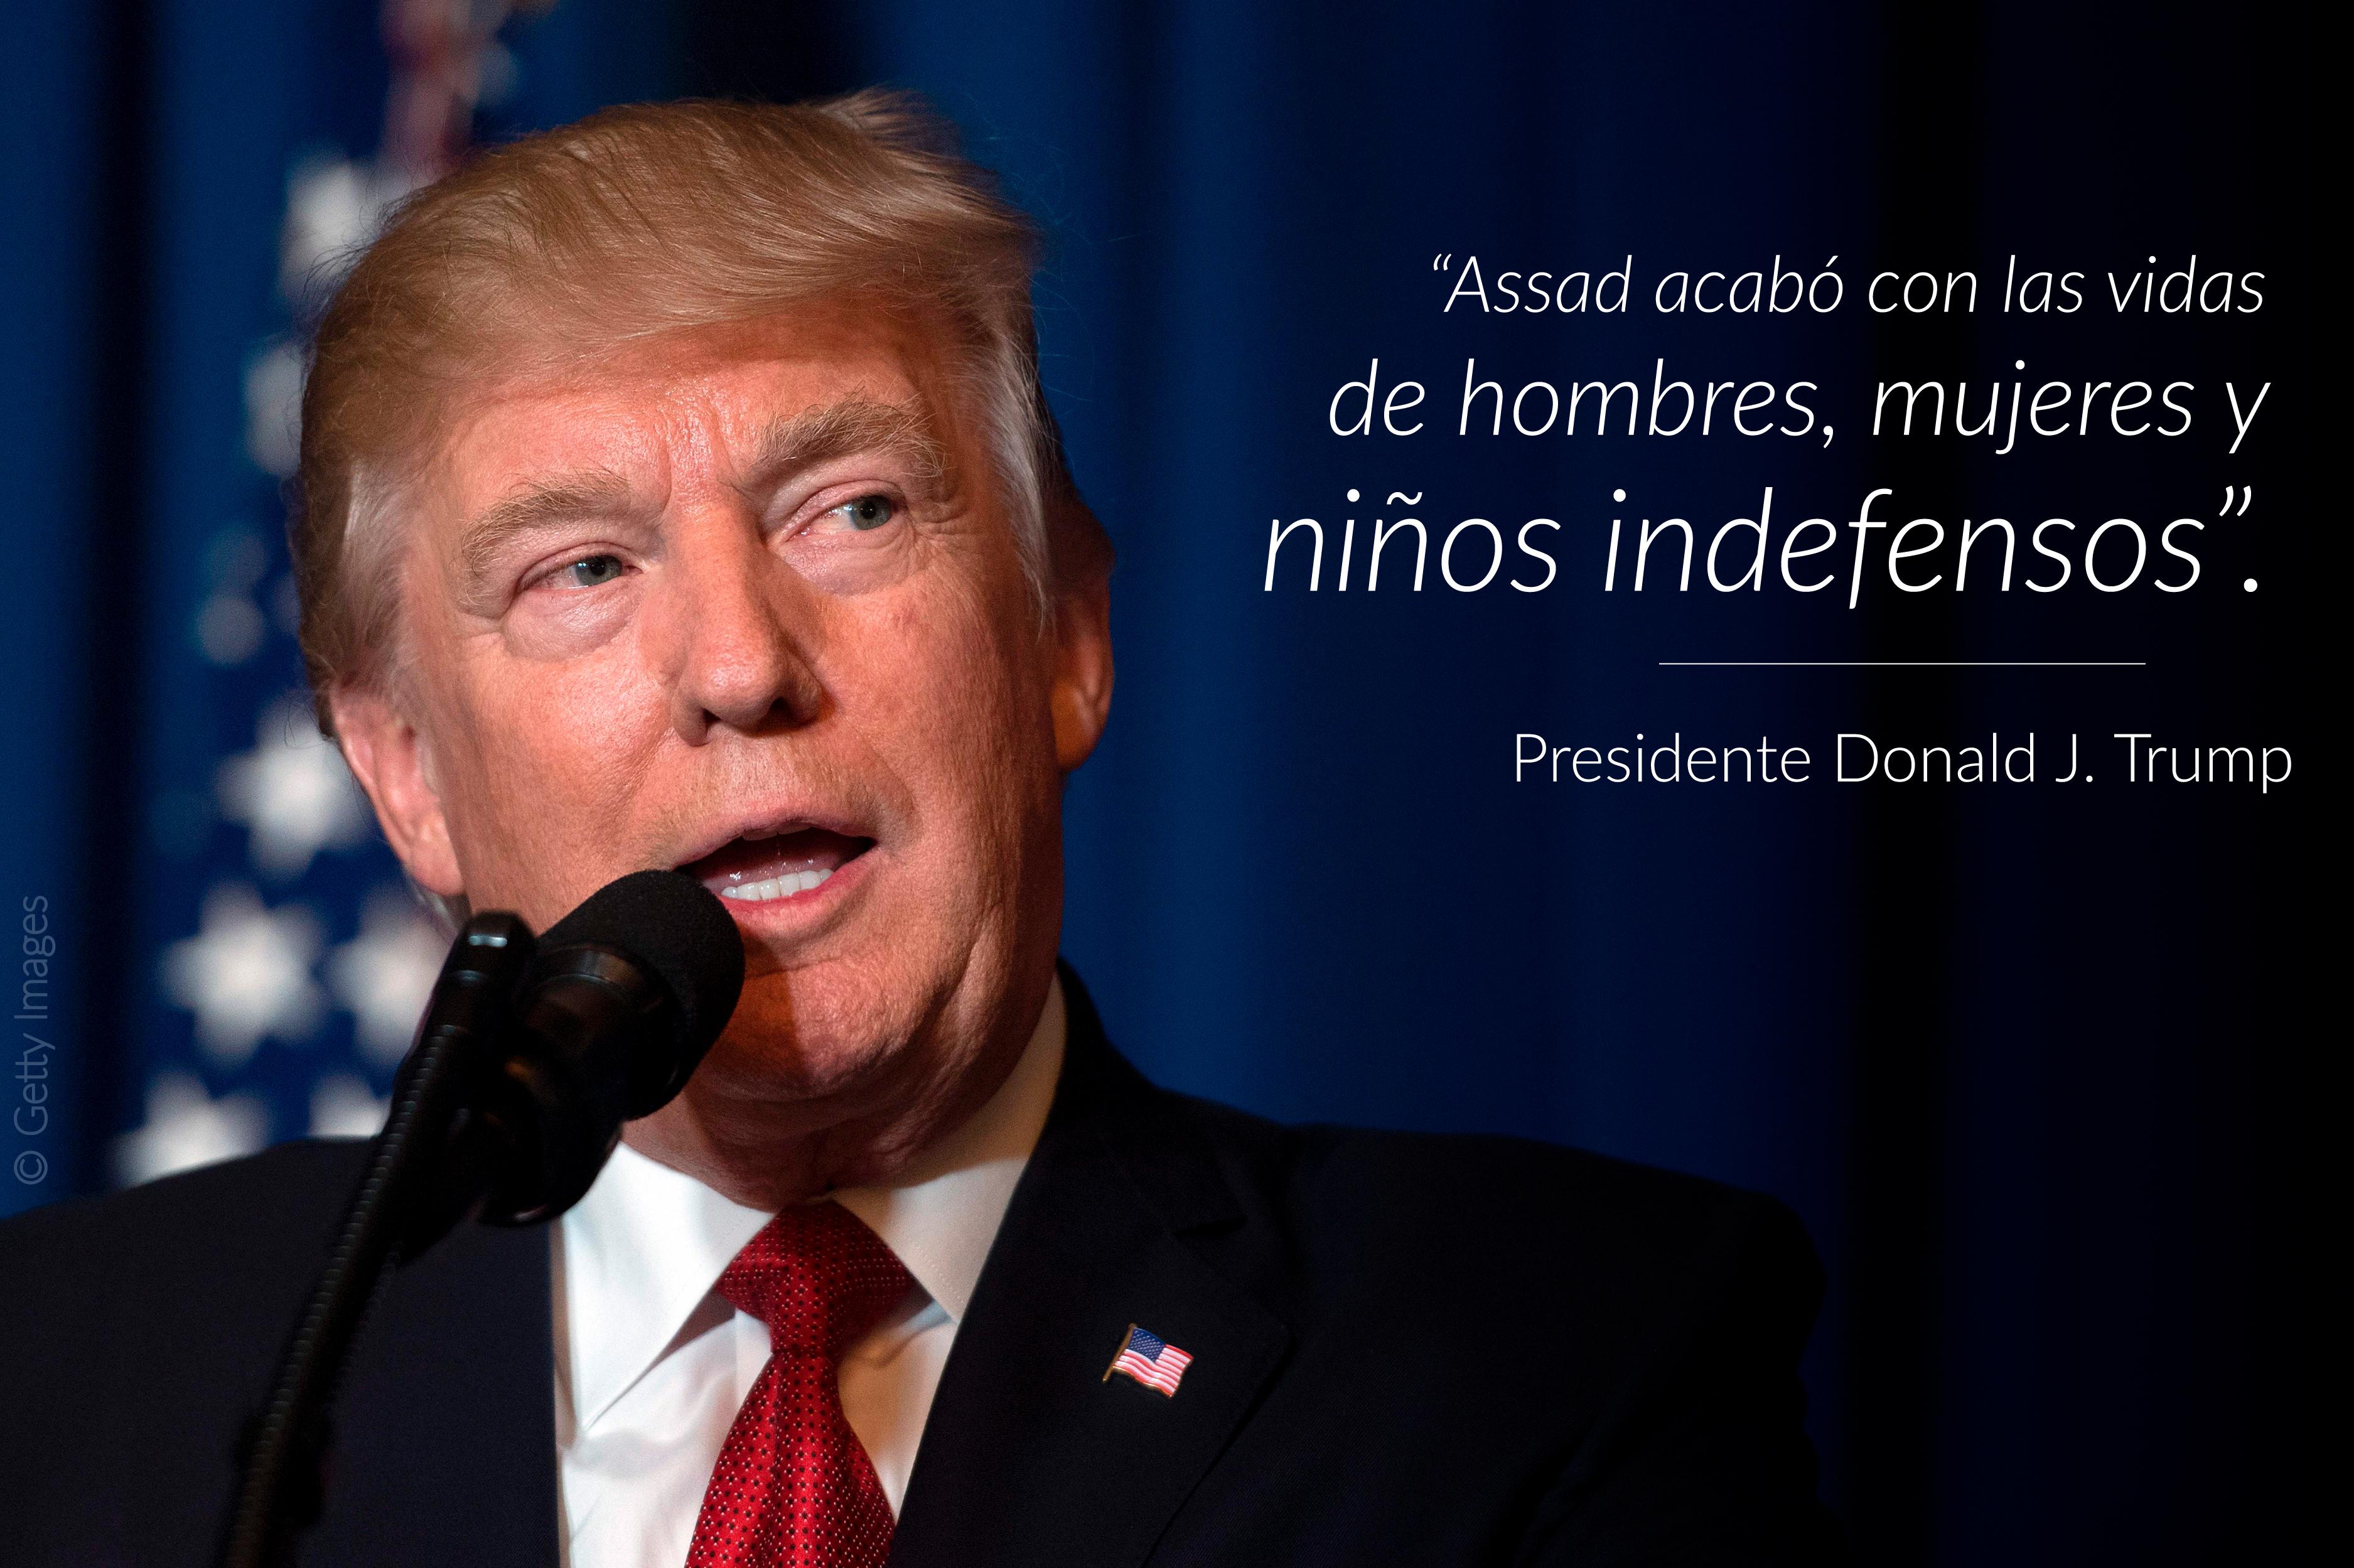 El presidente Trump habla, a la derecha una cita sobrepuesta en la imagen (© Getty Images)